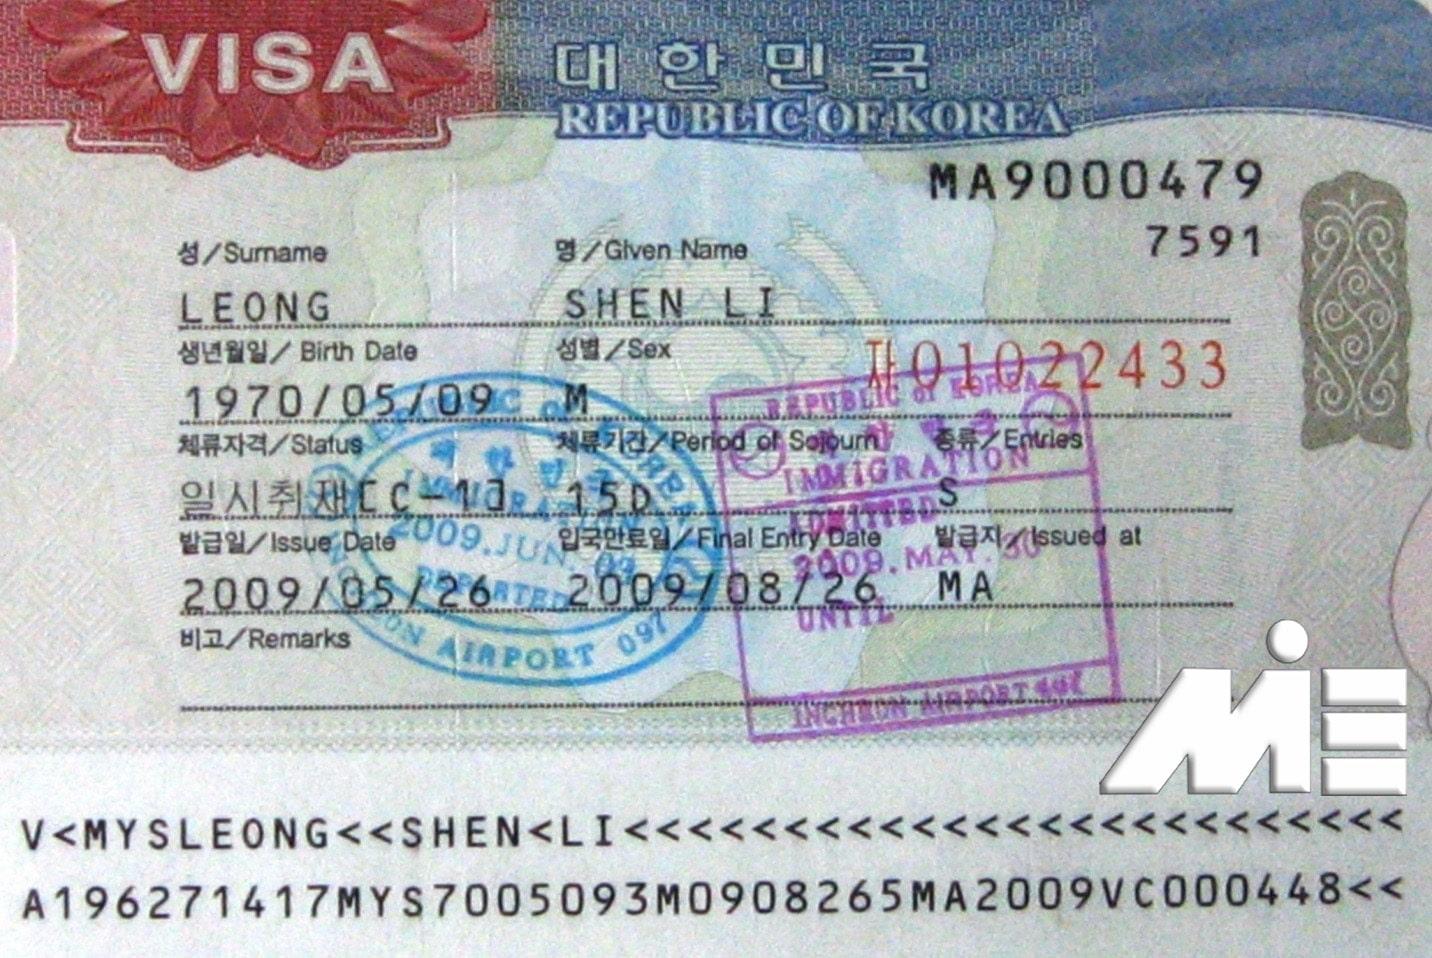 ویزای کره جنوبی ـ تصویری از استیکر ویزای کره جنوبی